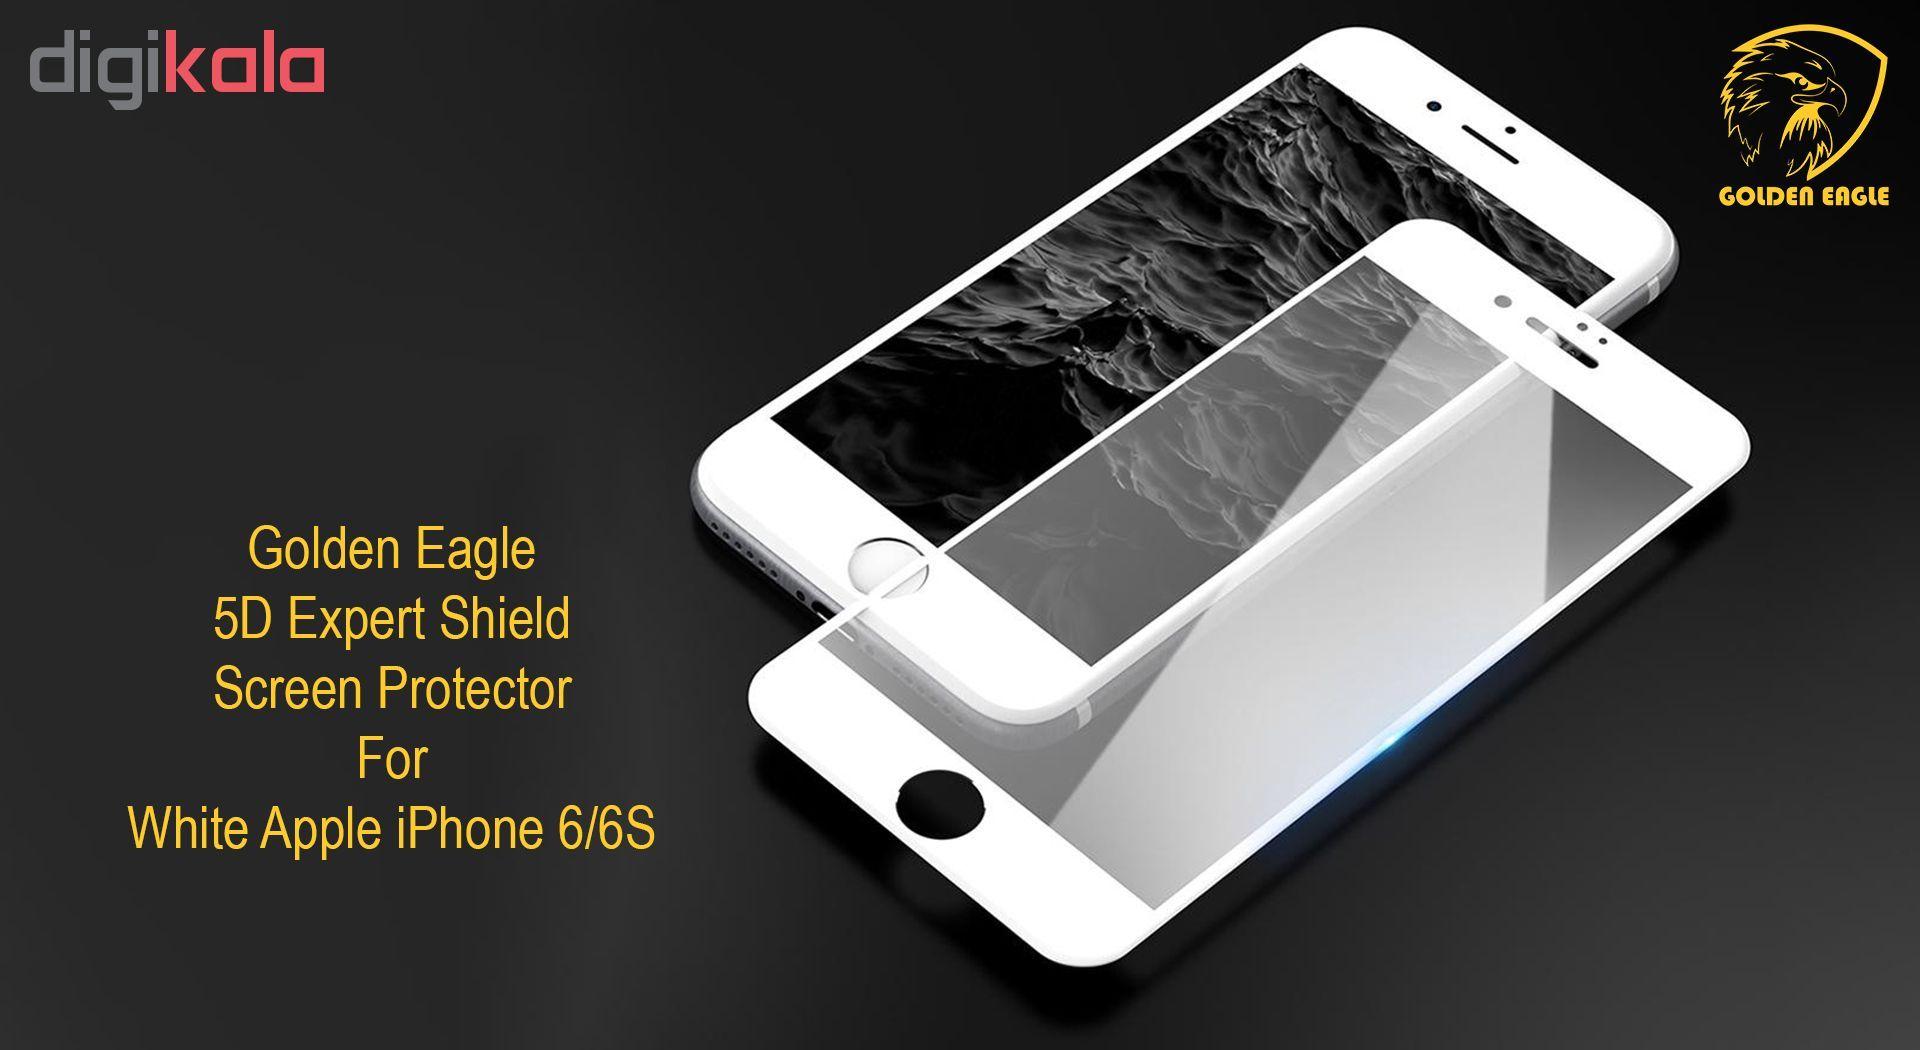 محافظ صفحه نمایش گلدن ایگل مدل 5D Expert Shield مناسب برای گوشی اپل آیفون  6/6S main 1 4